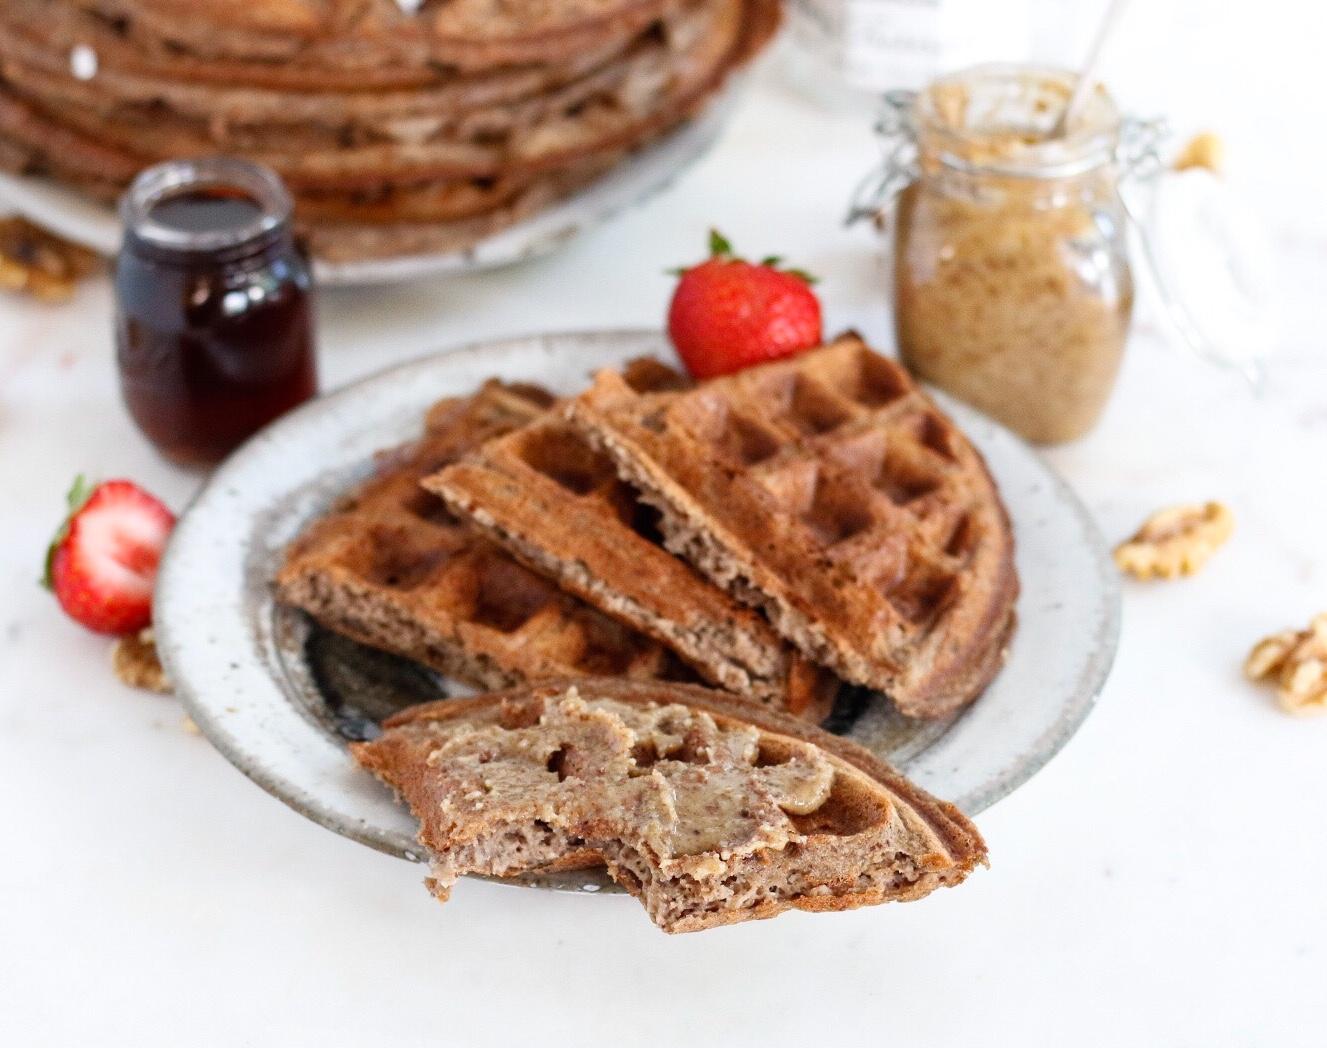 freezer waffles, freezer protein waffles, protein waffles, waffles